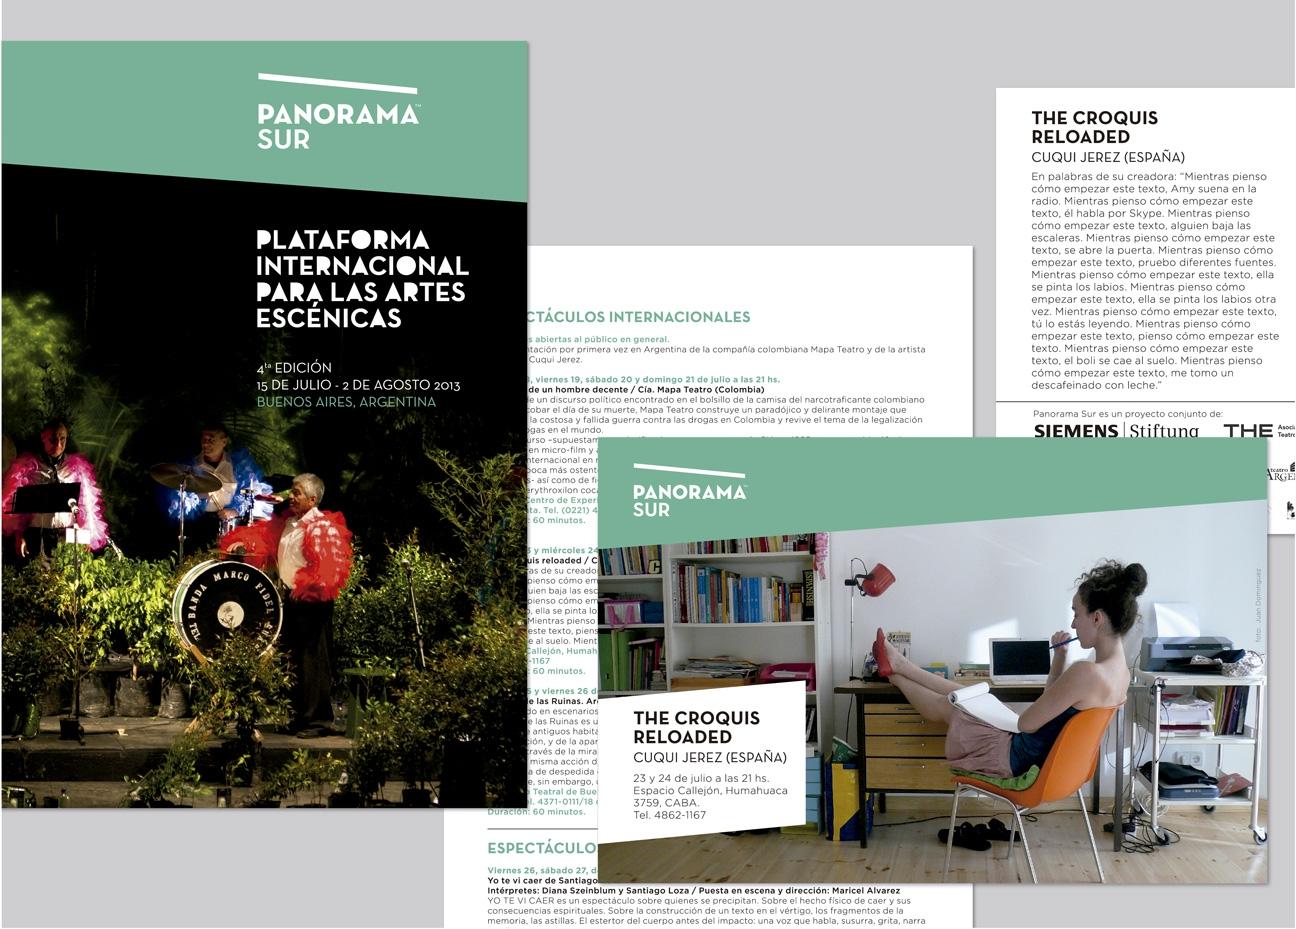 Diseño de marca para organización cultural. Diseño de marca de Panorama Sur.